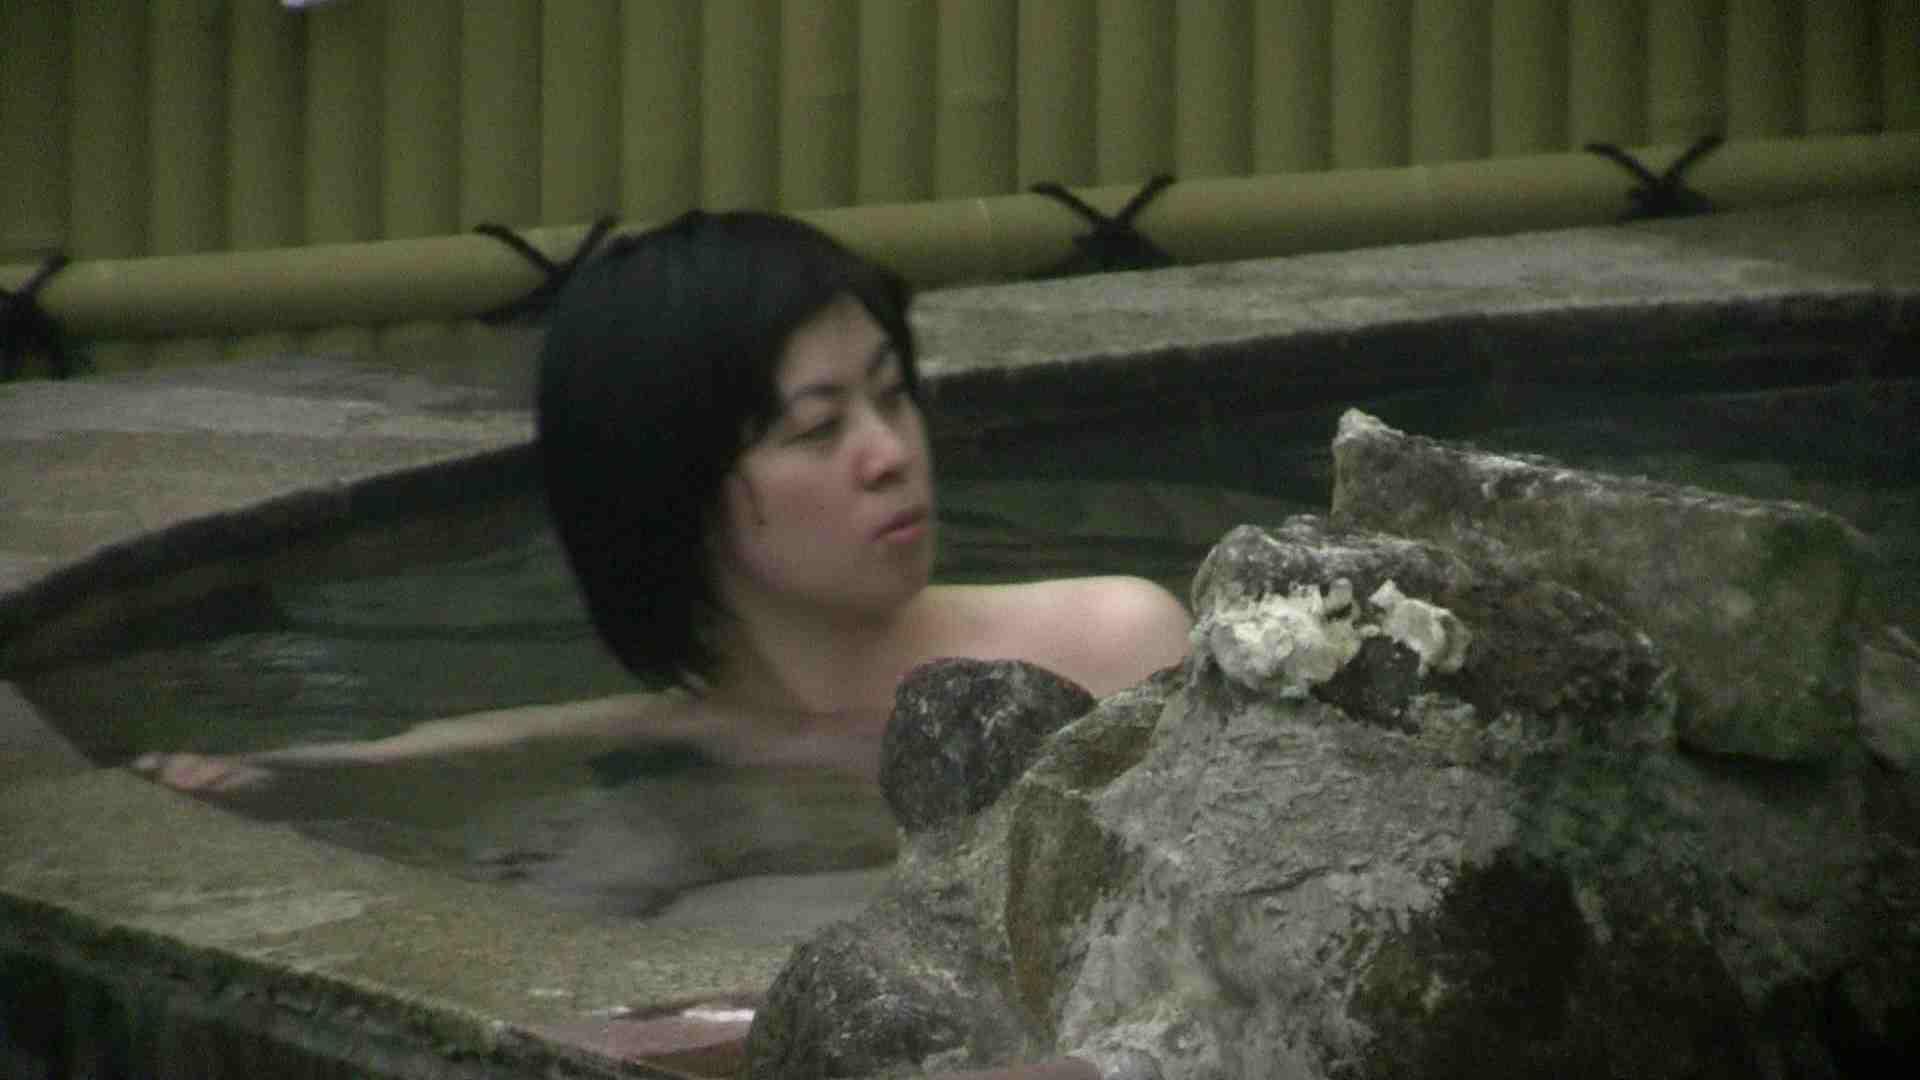 Aquaな露天風呂Vol.685 OLハメ撮り  42Pix 10